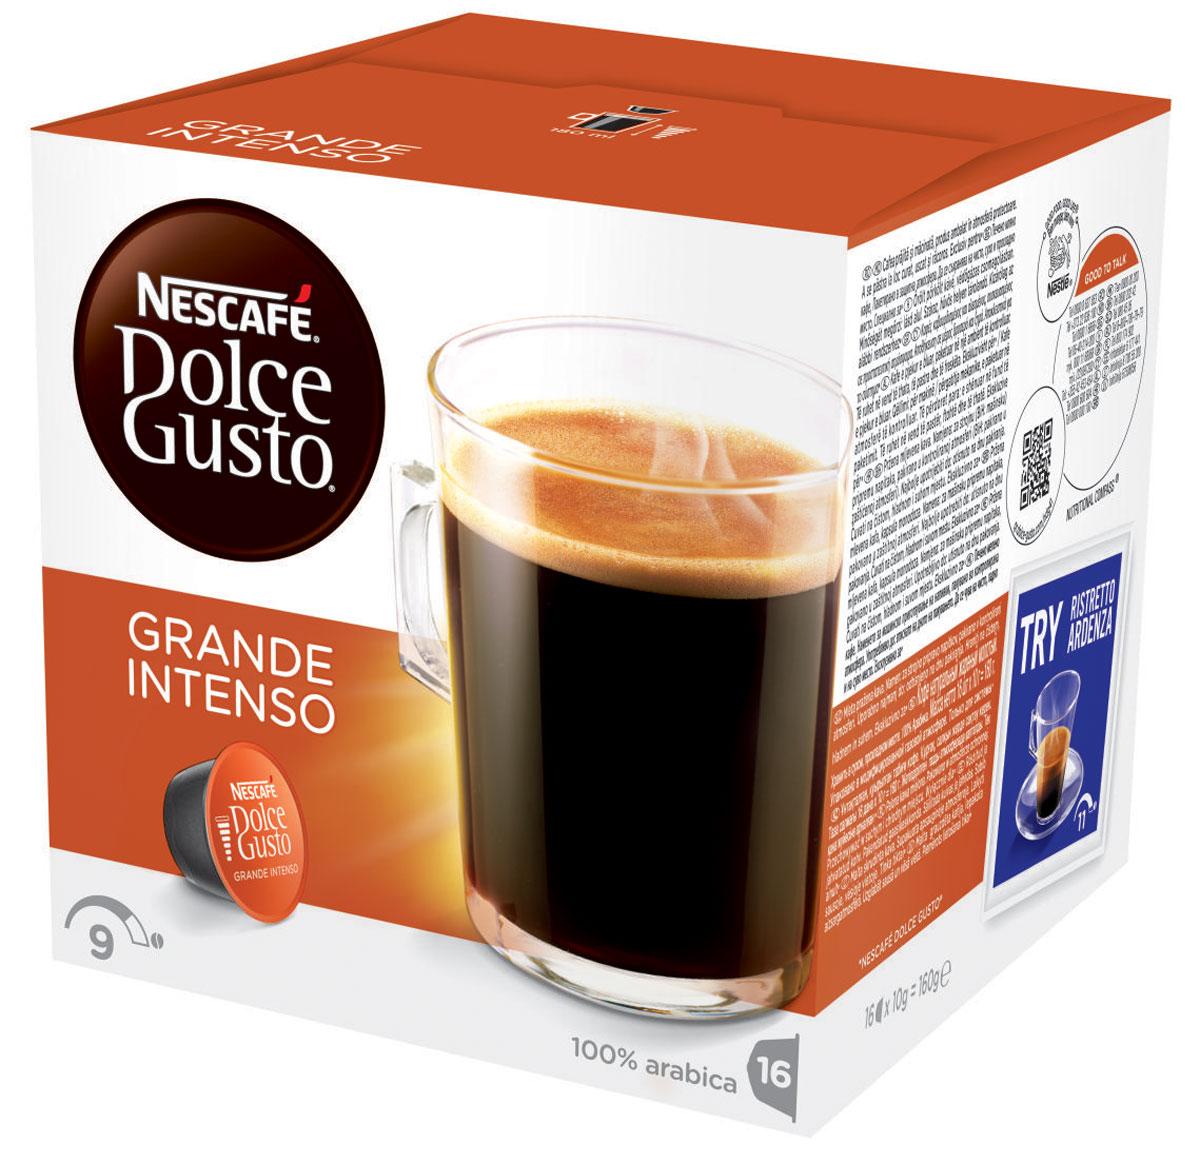 Nescafe Dolce Gusto Grande Intenso кофе в капсулах, 16 шт0120710Grande Intenso абсолютно соответствует названию – классический гранде с более насыщенной горчинкой. Приготовленный из зерен Арабики, изысканно контрастный и полноценный – этот хорошо сбалансированный, но никогда не слишком крепкий напиток создан для приготовления в кофемашине Nescafe Dolce Gusto.Слой ароматной пенки, словно последний штрих, создает простой на вид гранде со сложным вкусом. Изготовленный из 100% зерен Арабики, он великолепно подходит для завтрака, или как основной напиток для посиделок, или для спокойного времяпрепровождения в одиночестве. Будет ли это первая чашка кофе с утра или в любое время в течение дня, капсульный кофе гранде Intenso всегда бьет в цель. Нет необходимости идти в кофейню, чтобы насладиться этим великолепным вкусом.